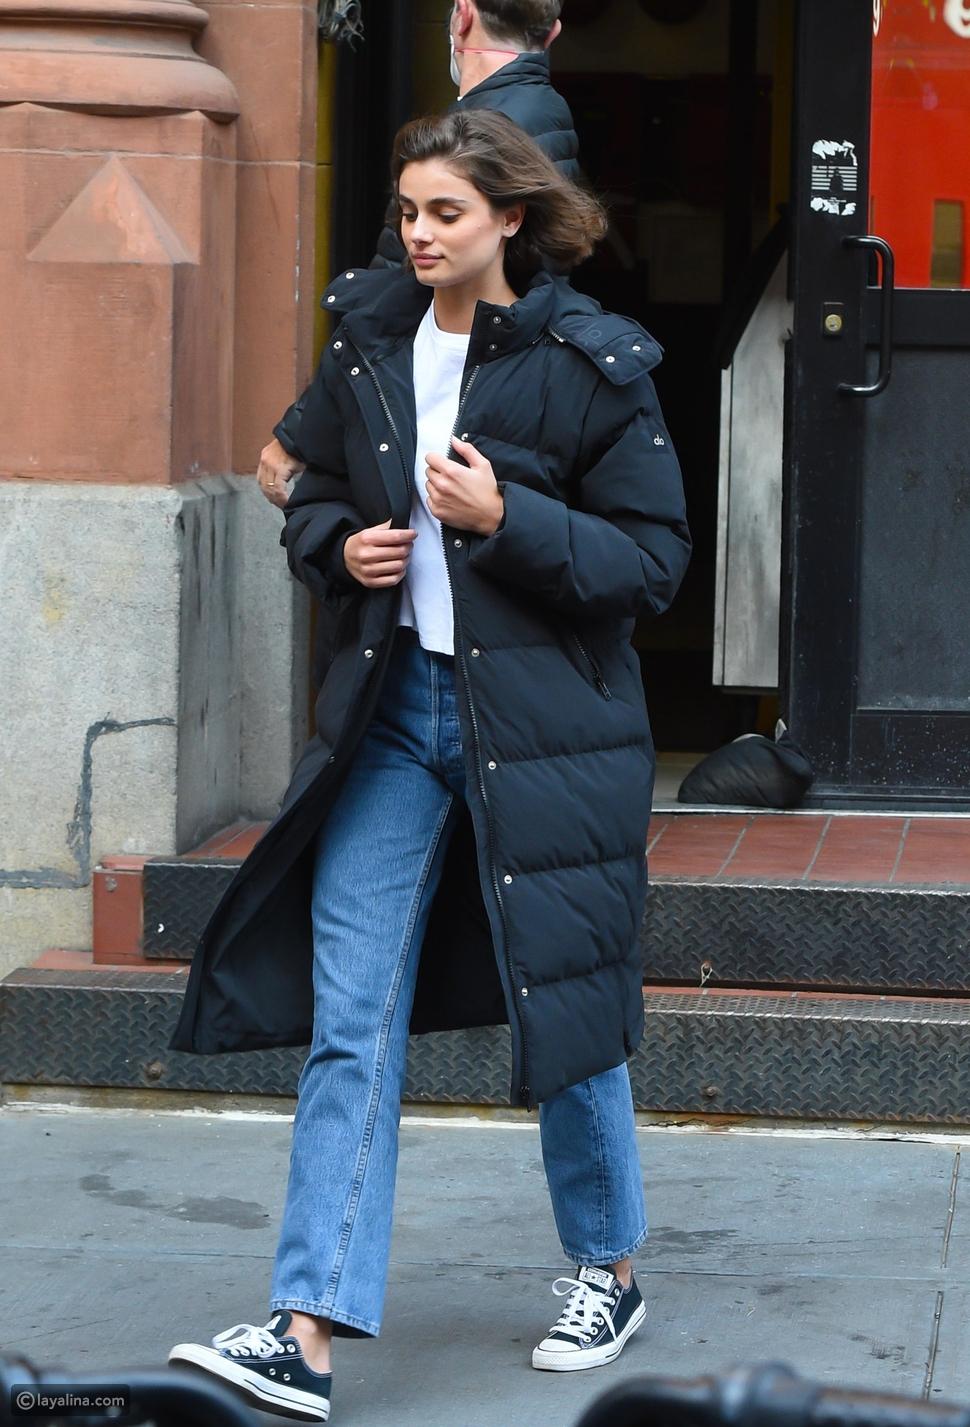 إطلالة كاجول مع معطف طويل منفوخ على طريقة عارضة الأزياءتيلور هيل